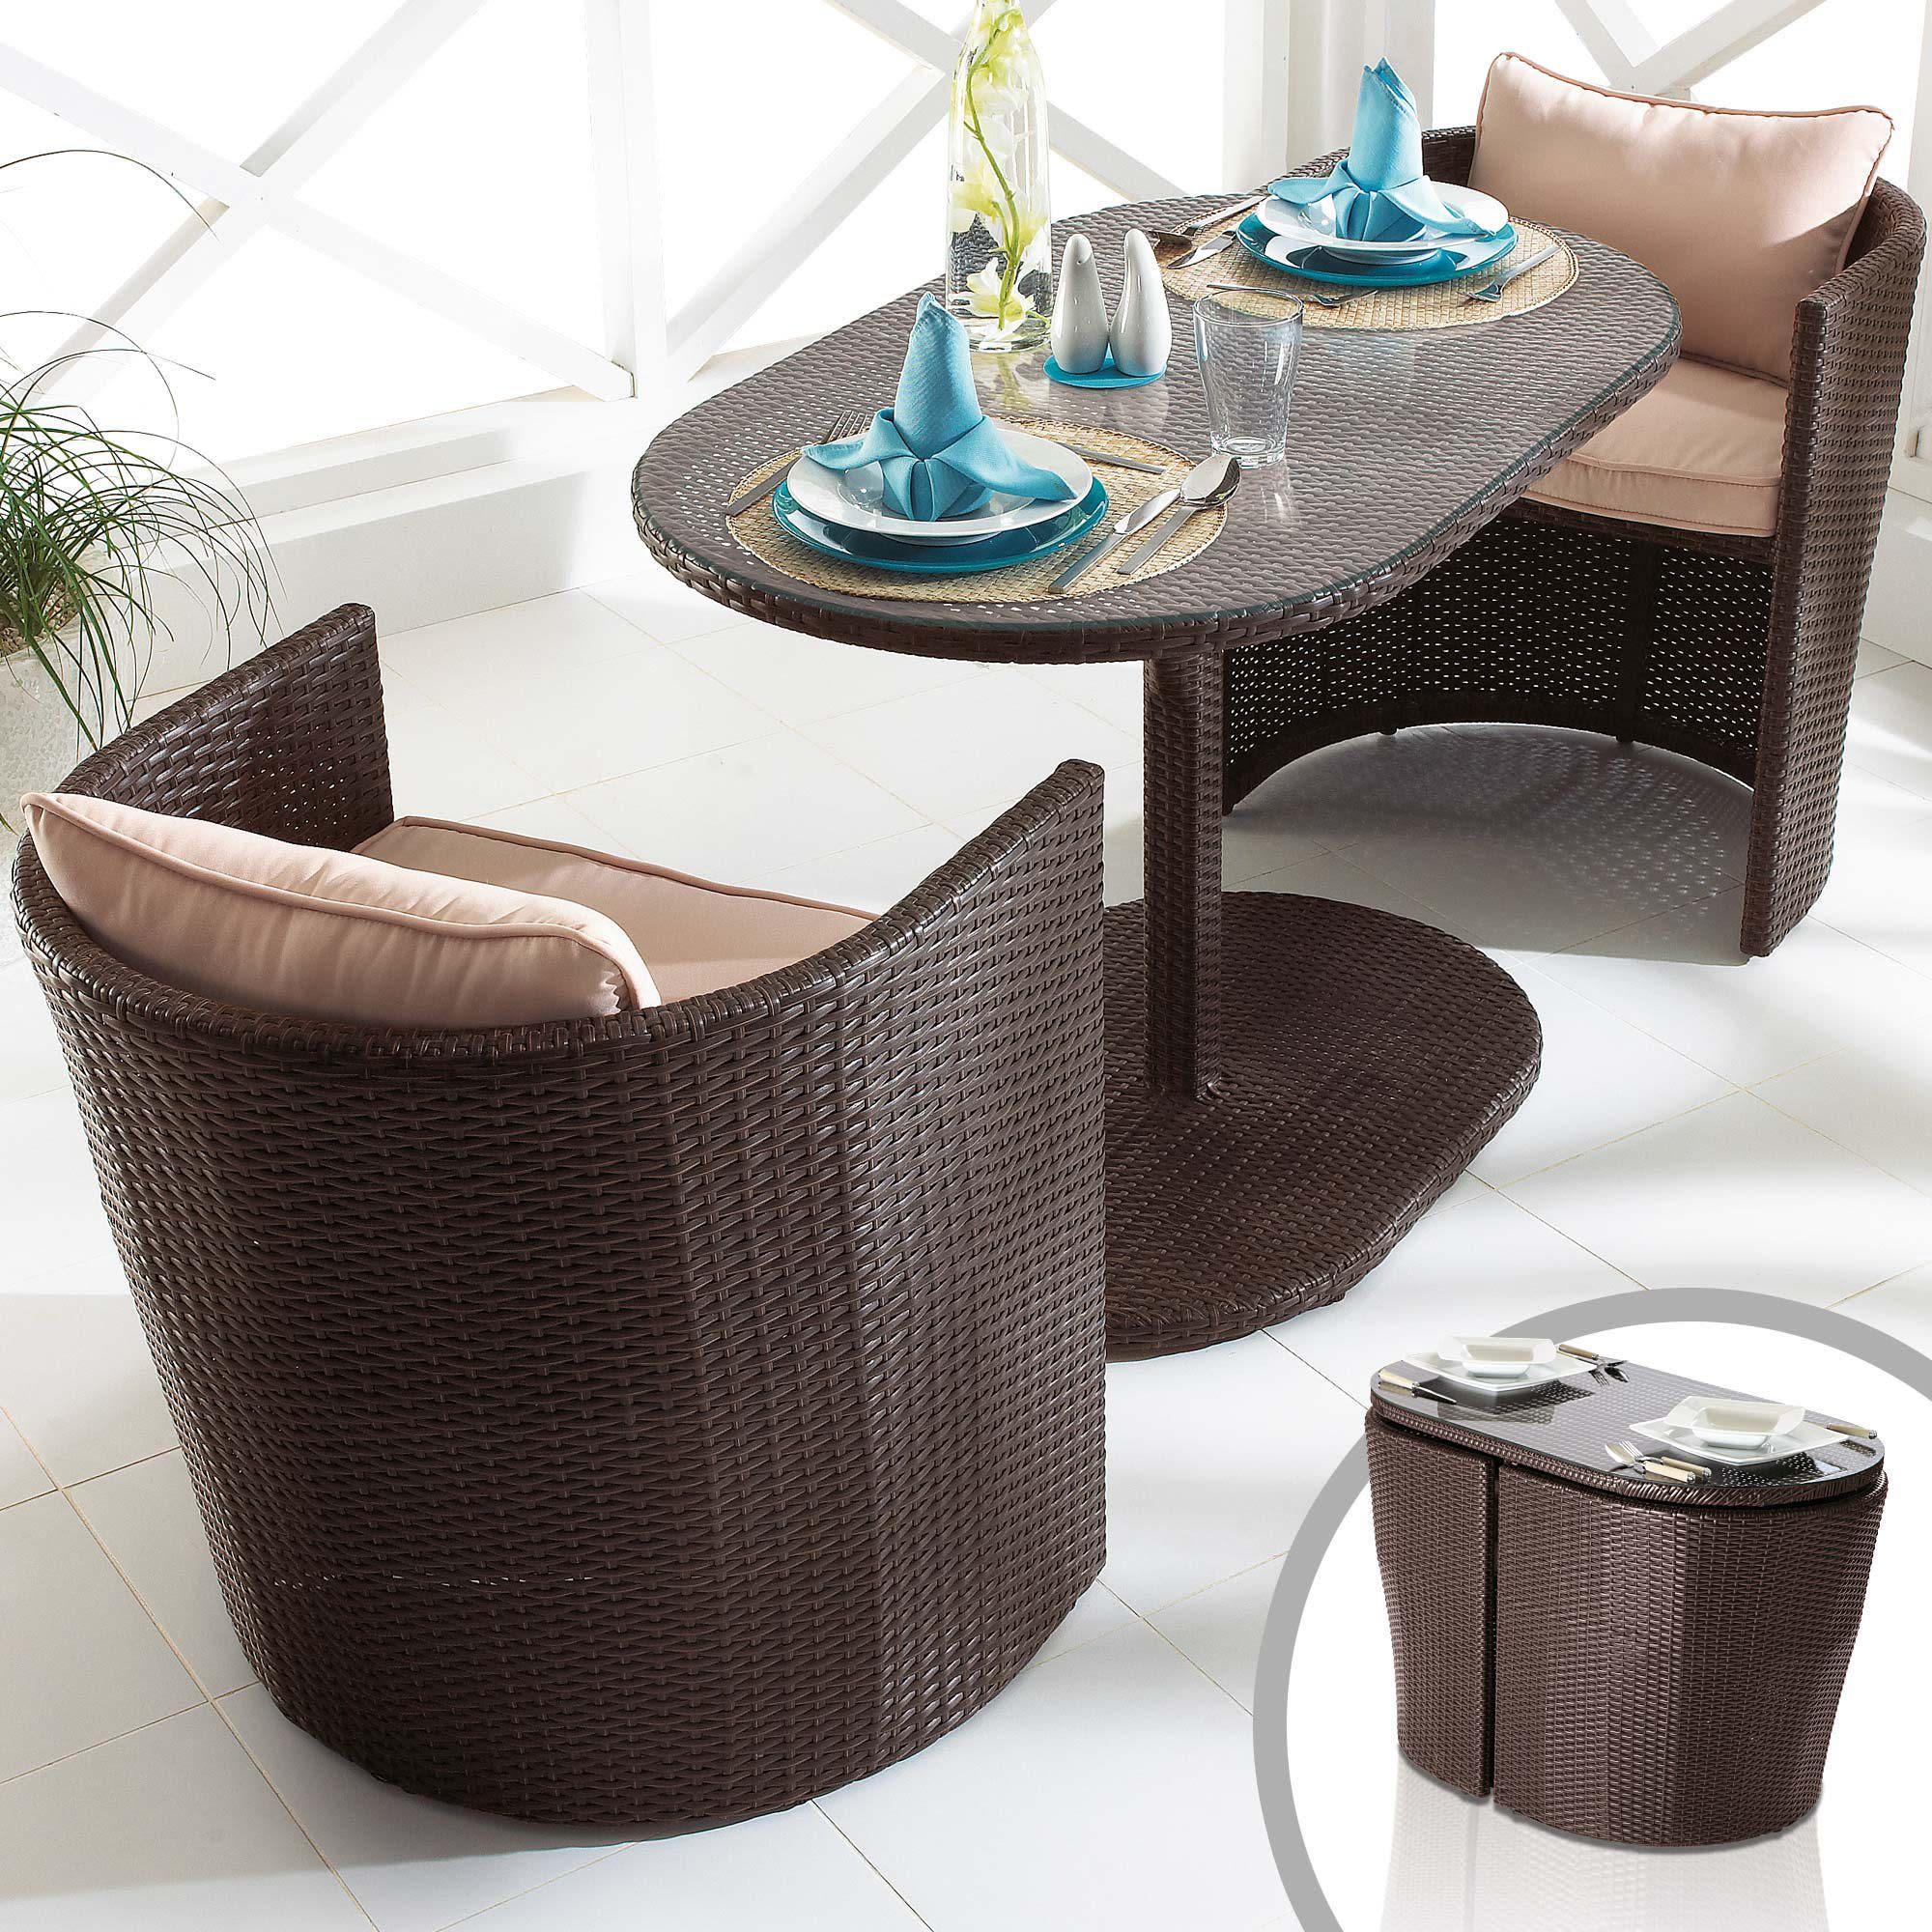 gartenm bel set oval nornabaeli. Black Bedroom Furniture Sets. Home Design Ideas